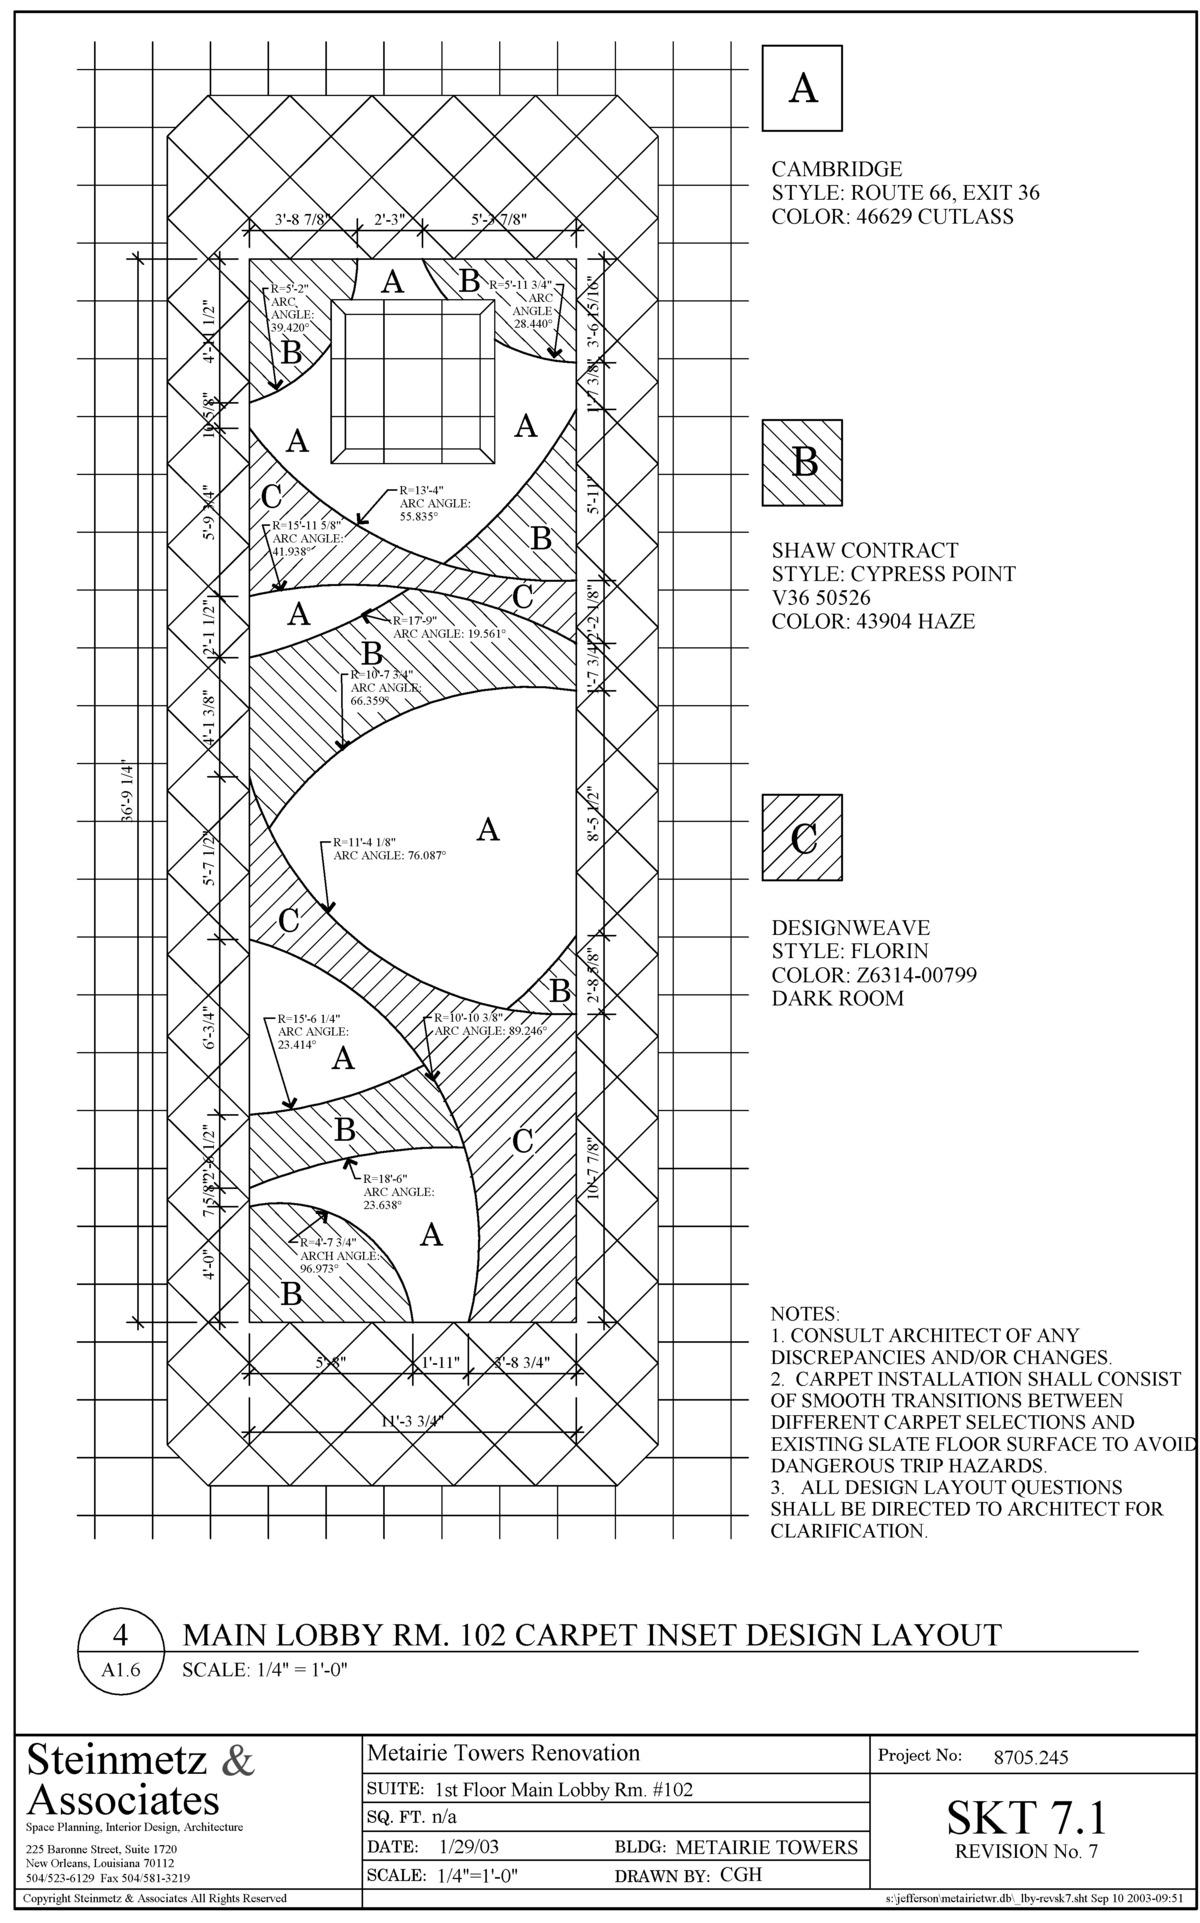 Custom Carpet Inset Design Layout